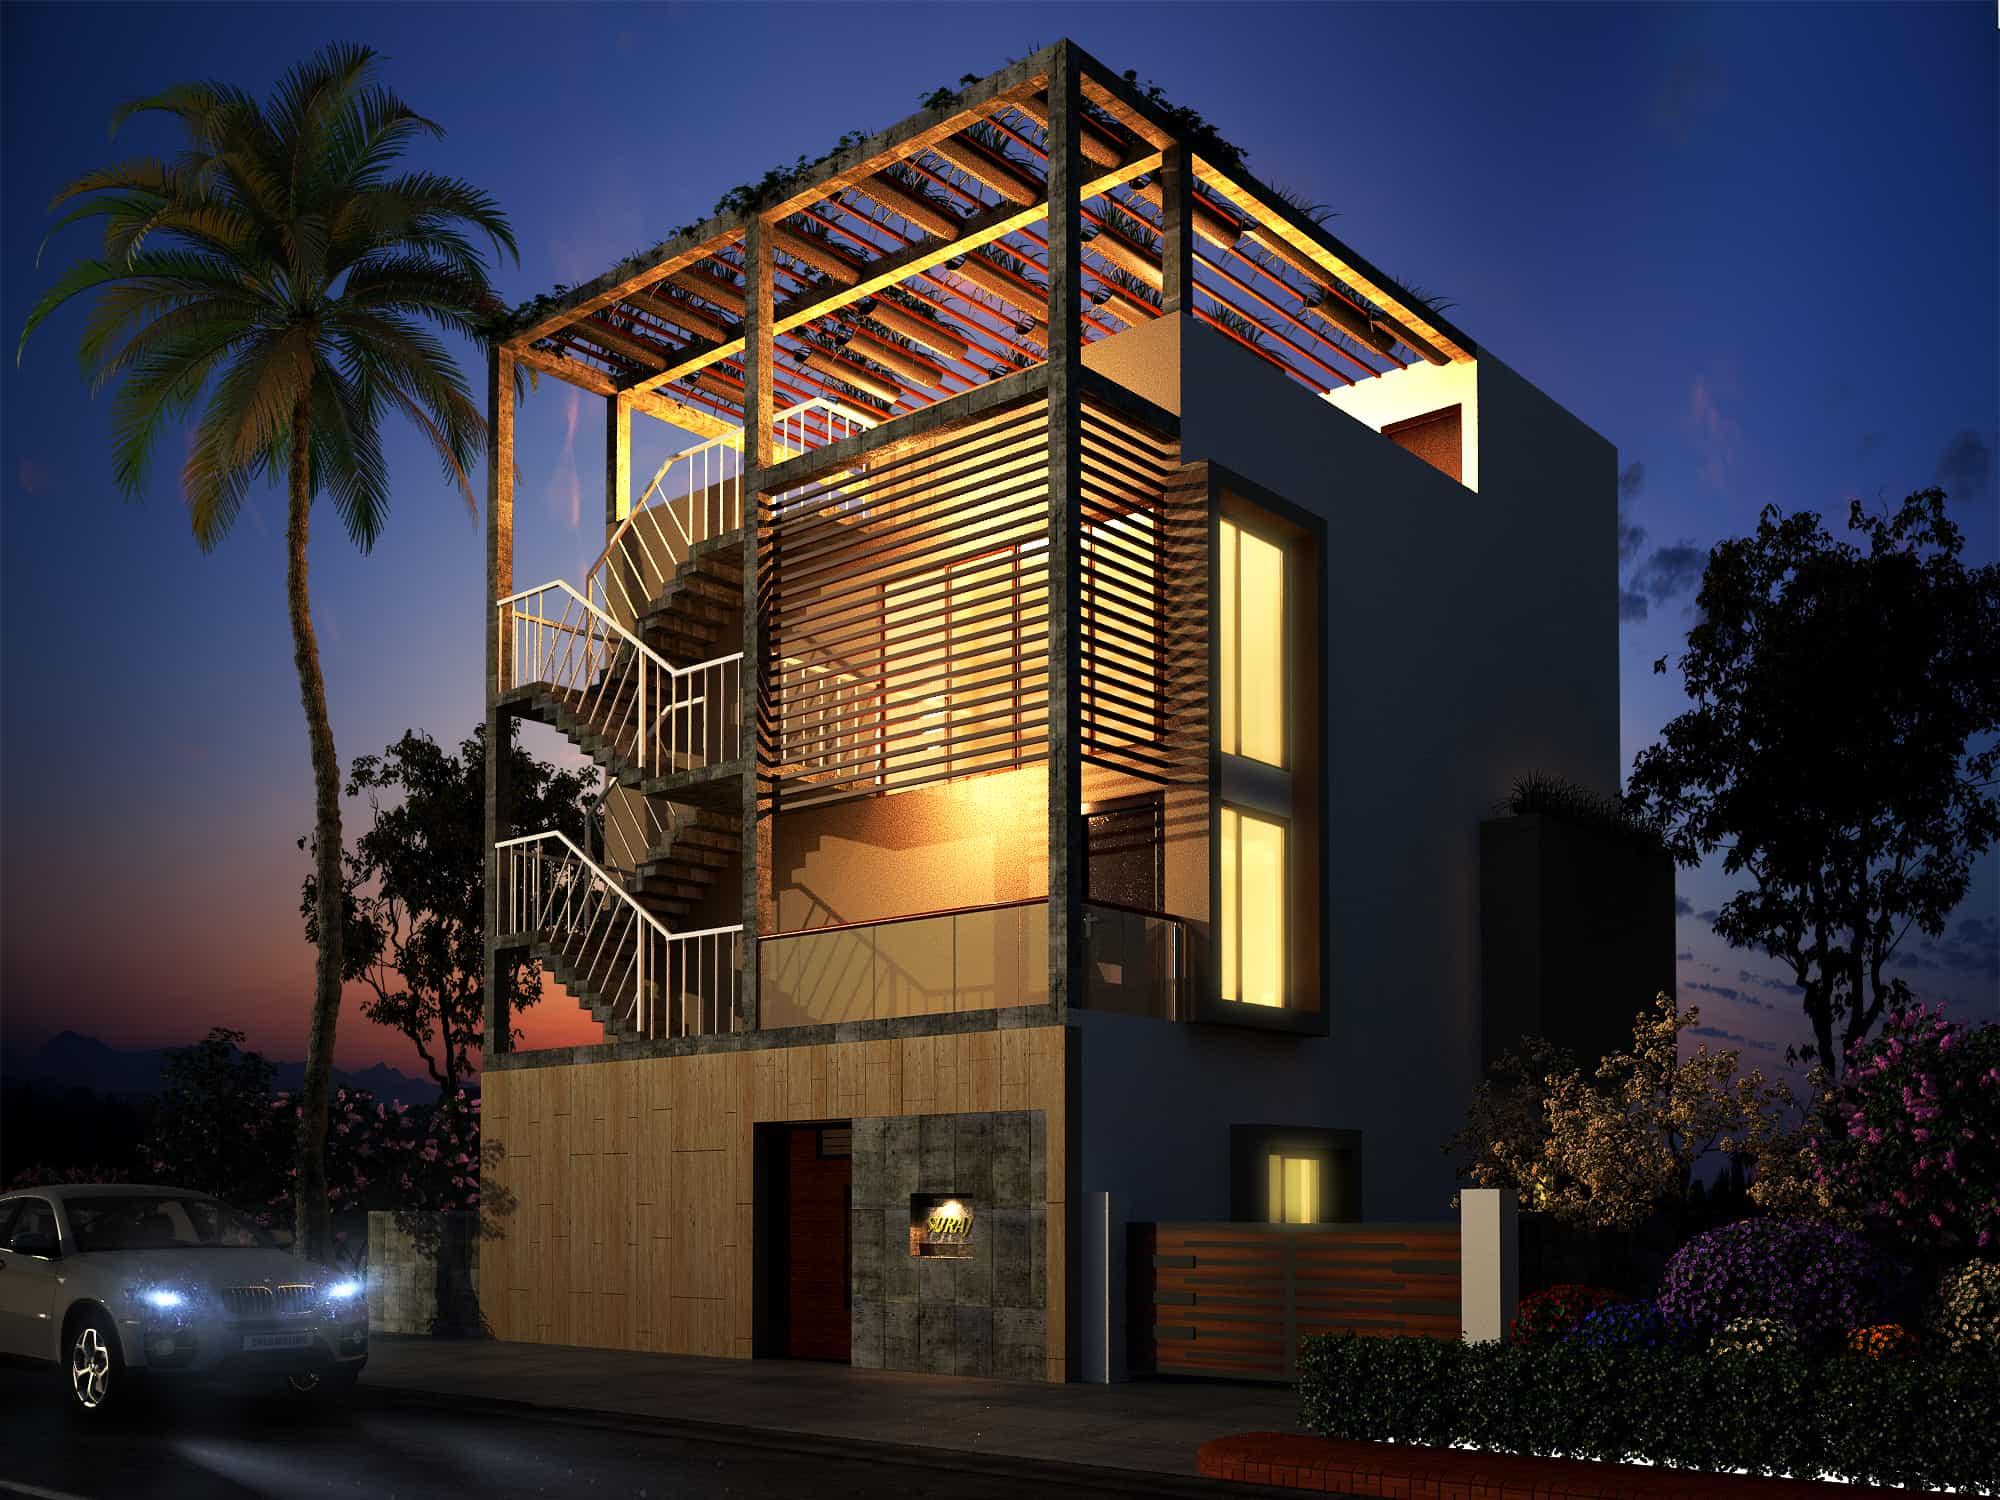 EasyHomeBangalore - Architects